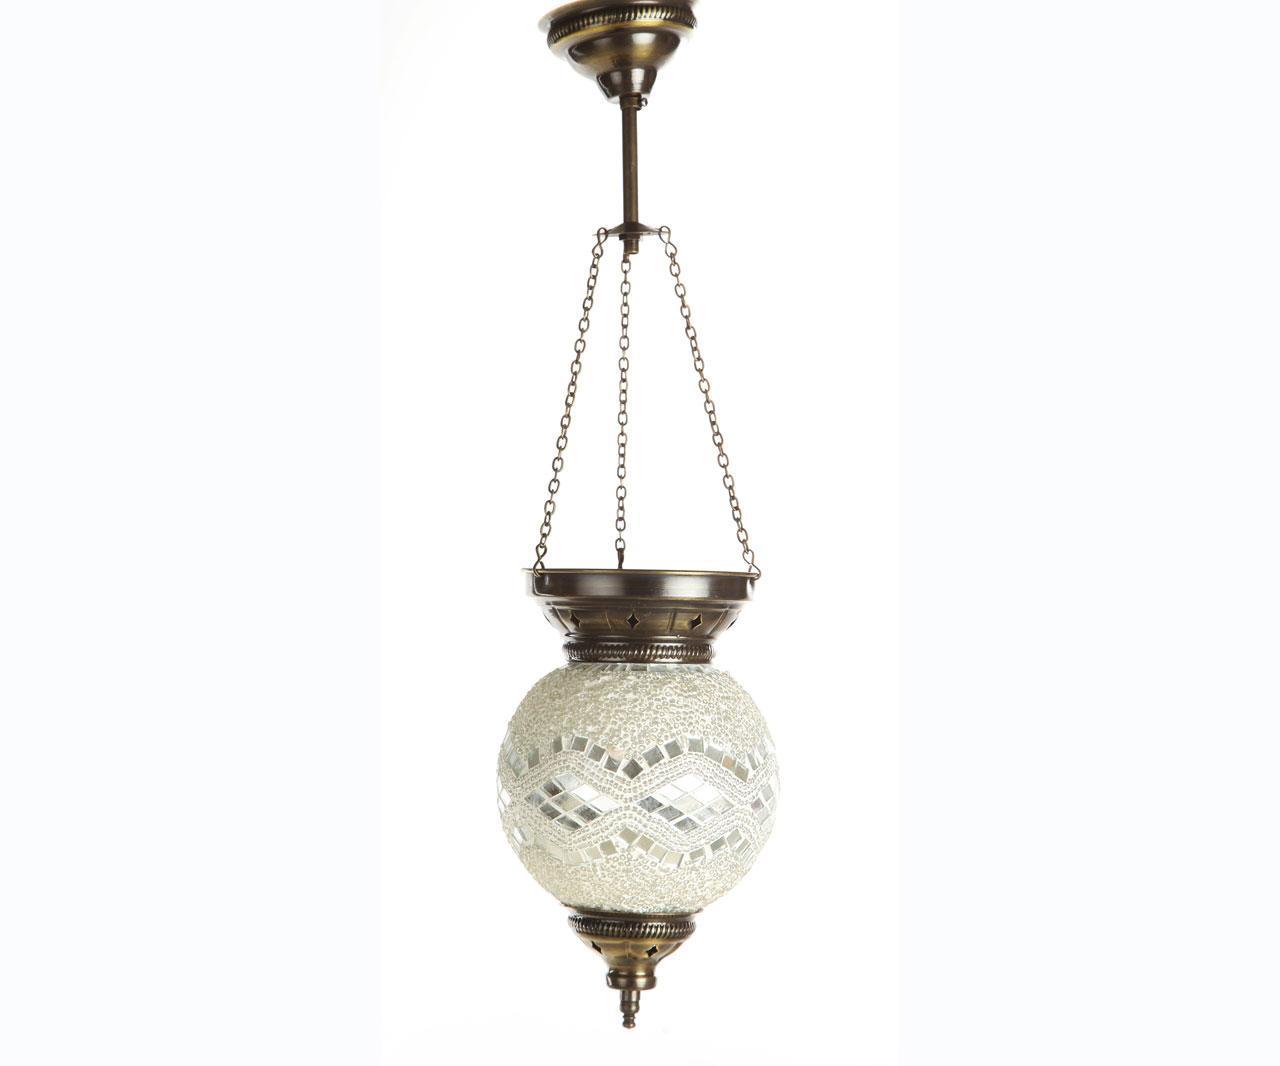 Подвесной светильник Kink Light Марокко 0115,01 подвесной светильник kink light марокко 0130t 01